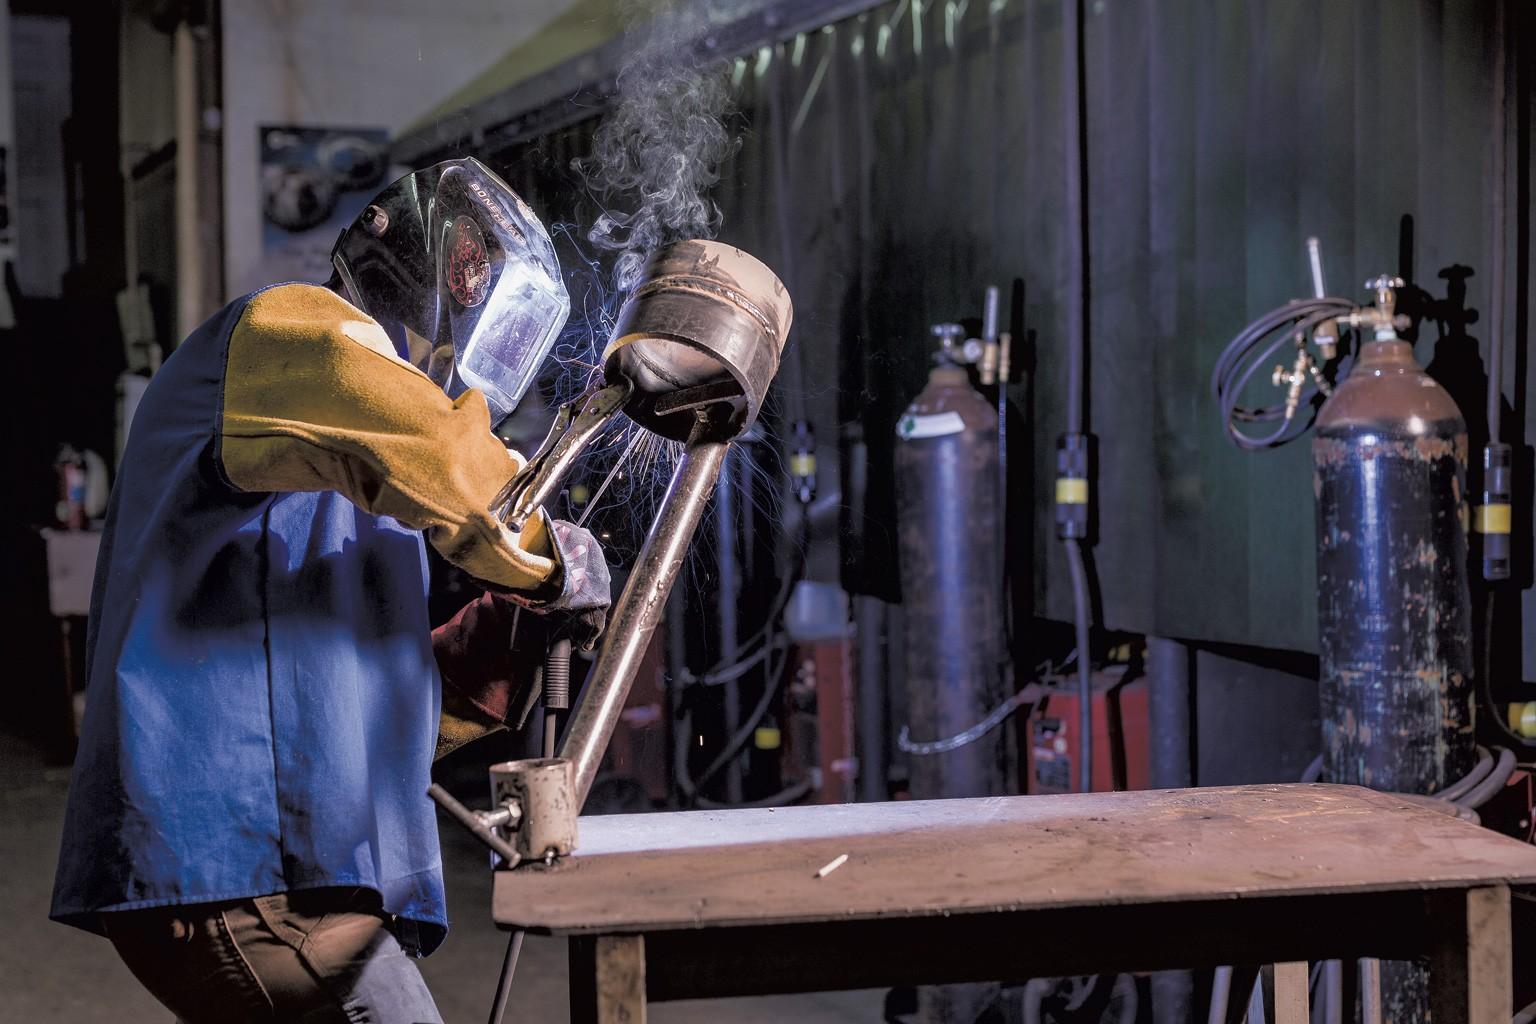 f-welding1-1-1b49859ec829c336.jpg